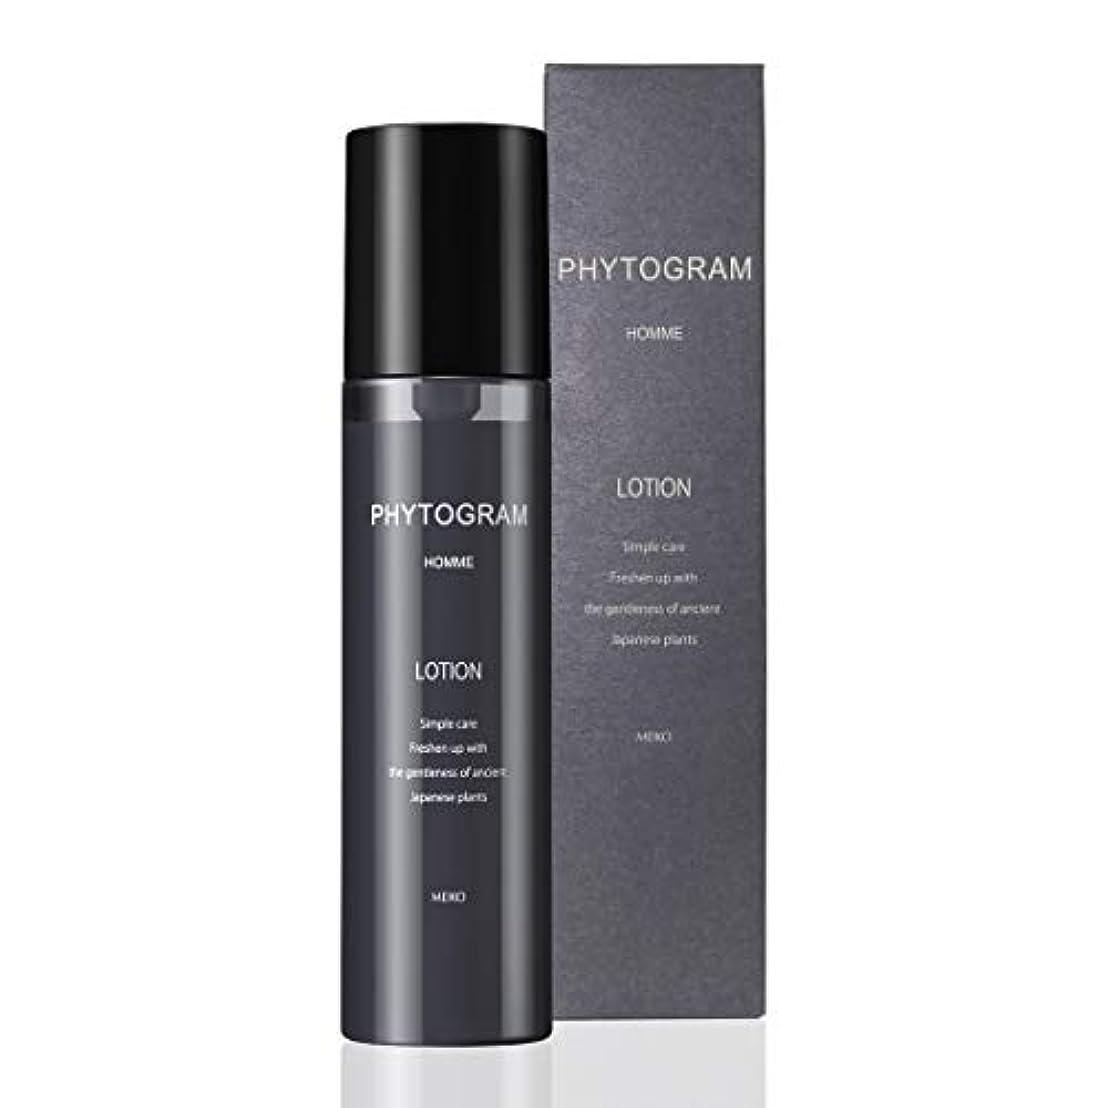 うまサイバースペース芽メンズ 化粧水 150mL ( 男性用 ローション 保湿 ナチュラル 植物 日本製 )【 フィトグラム 】